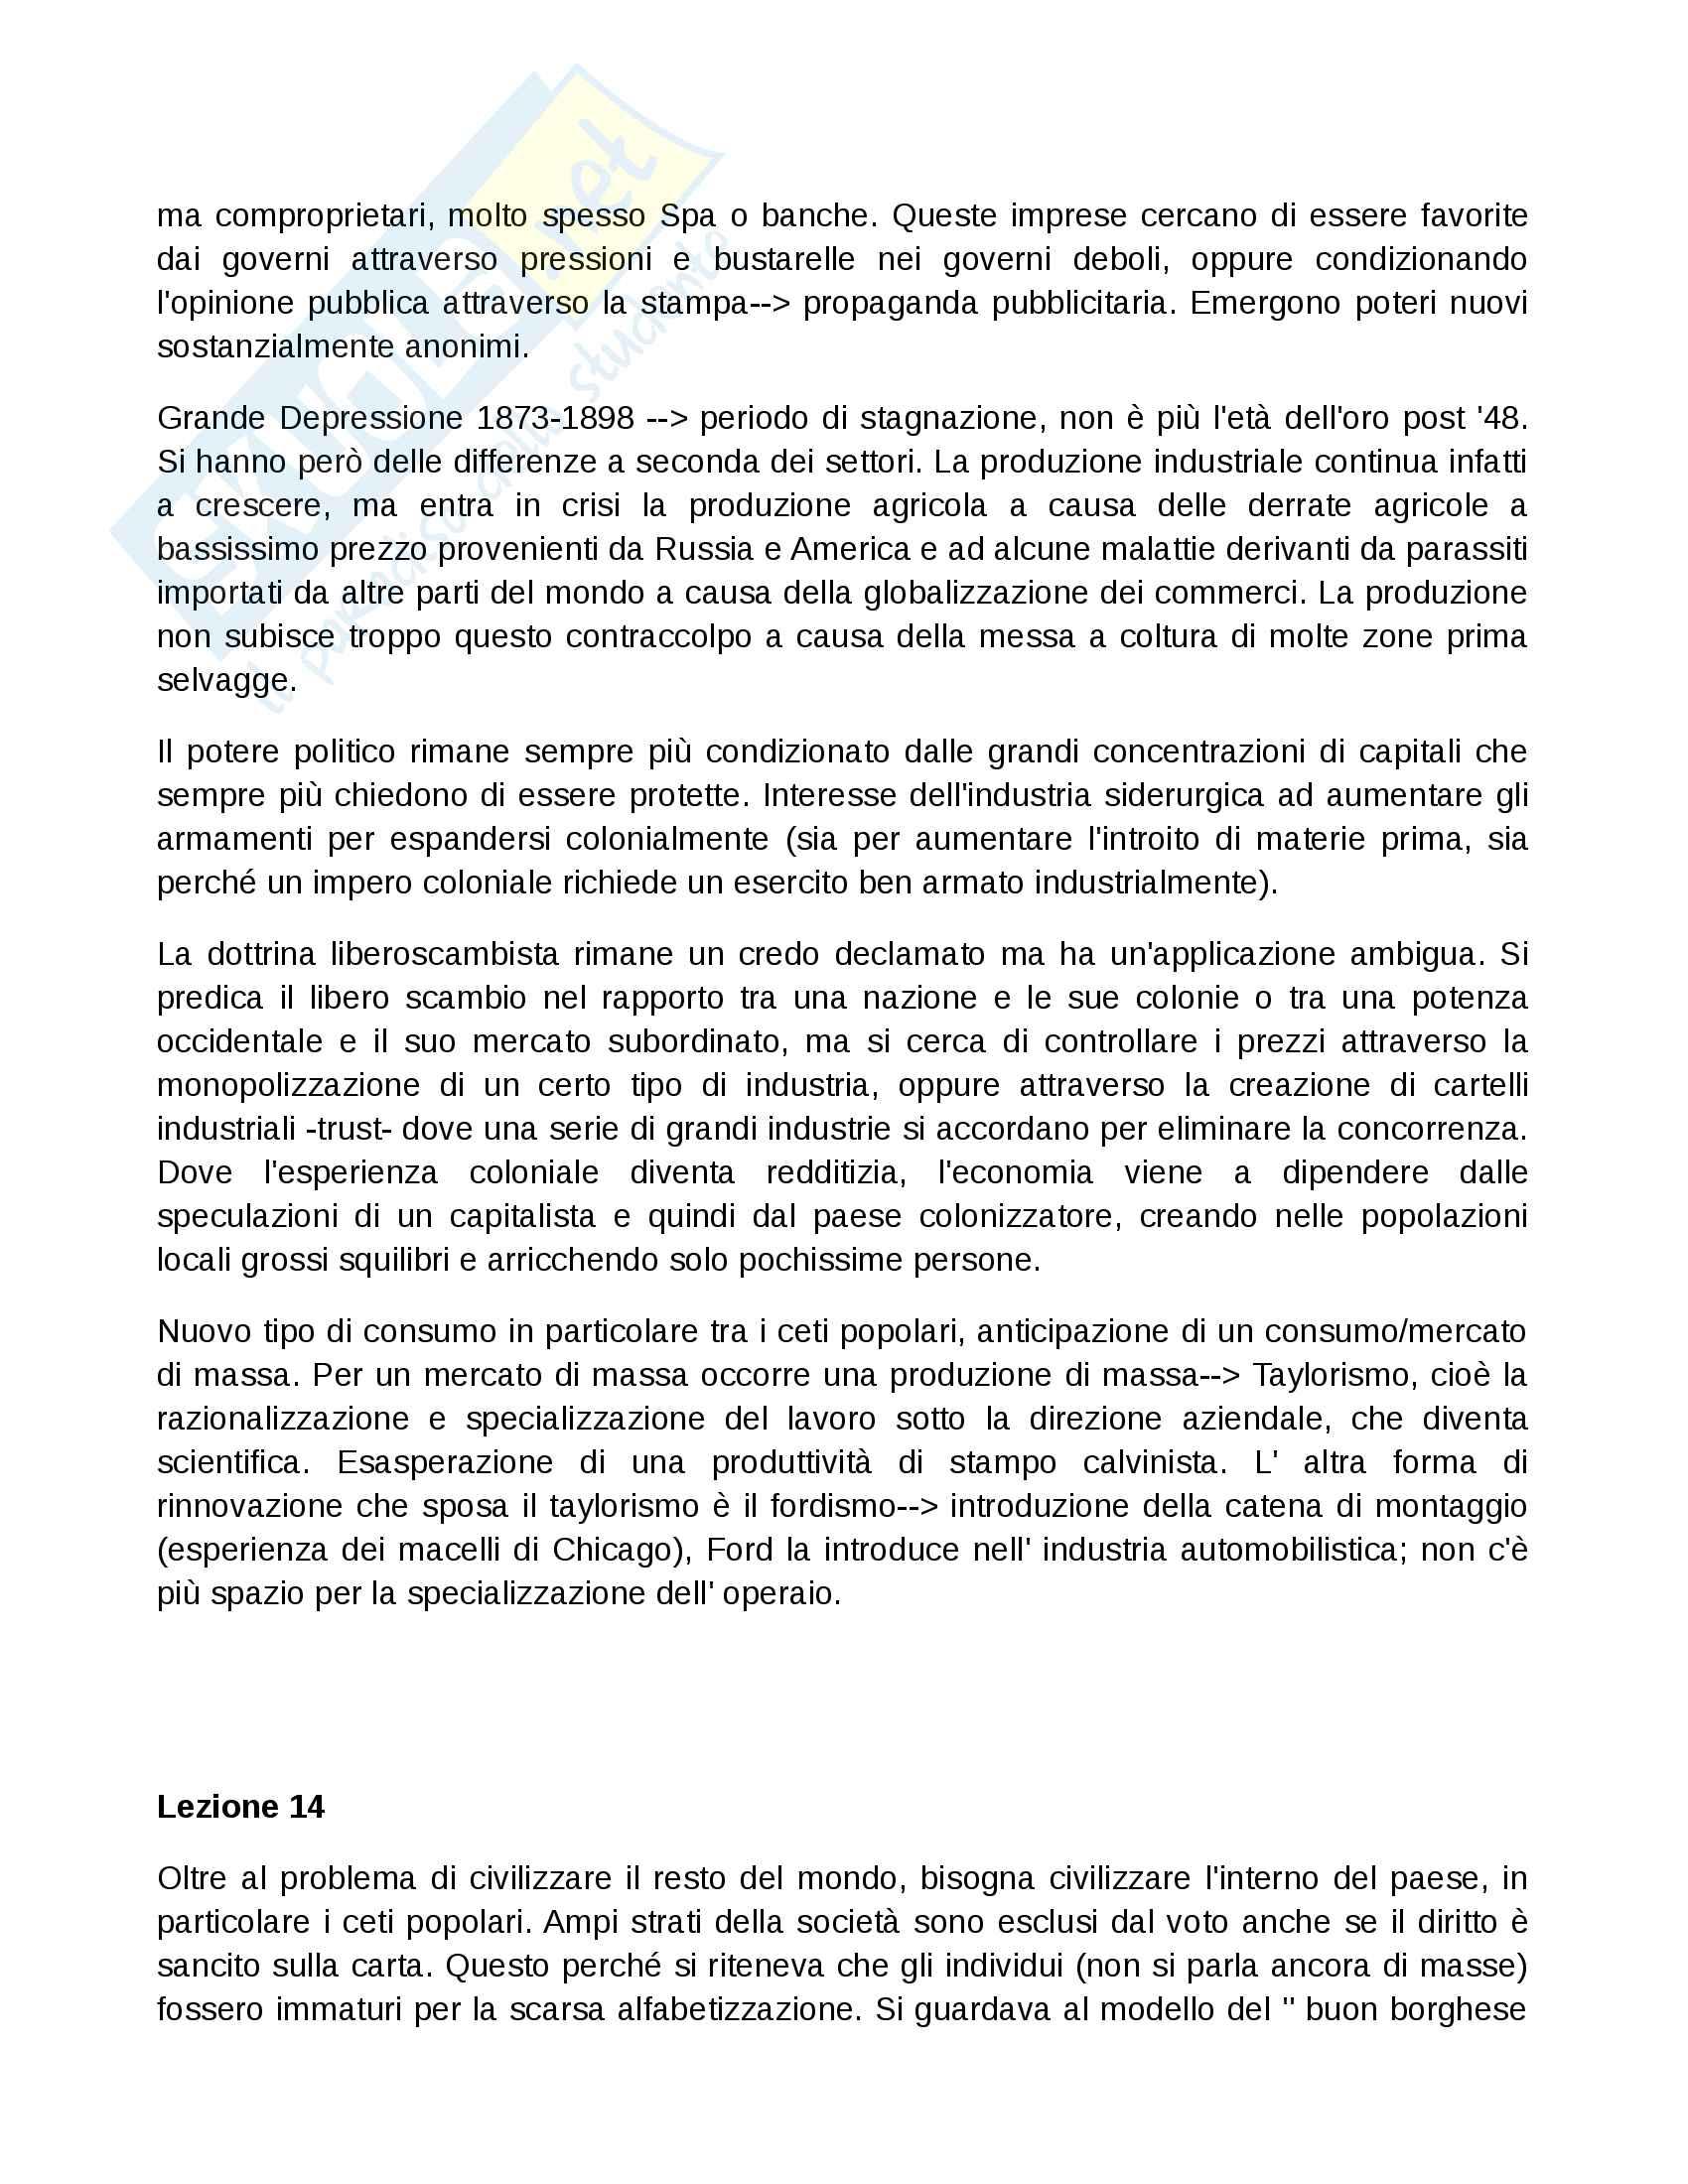 Appunti Storia contemporanea I Pag. 11